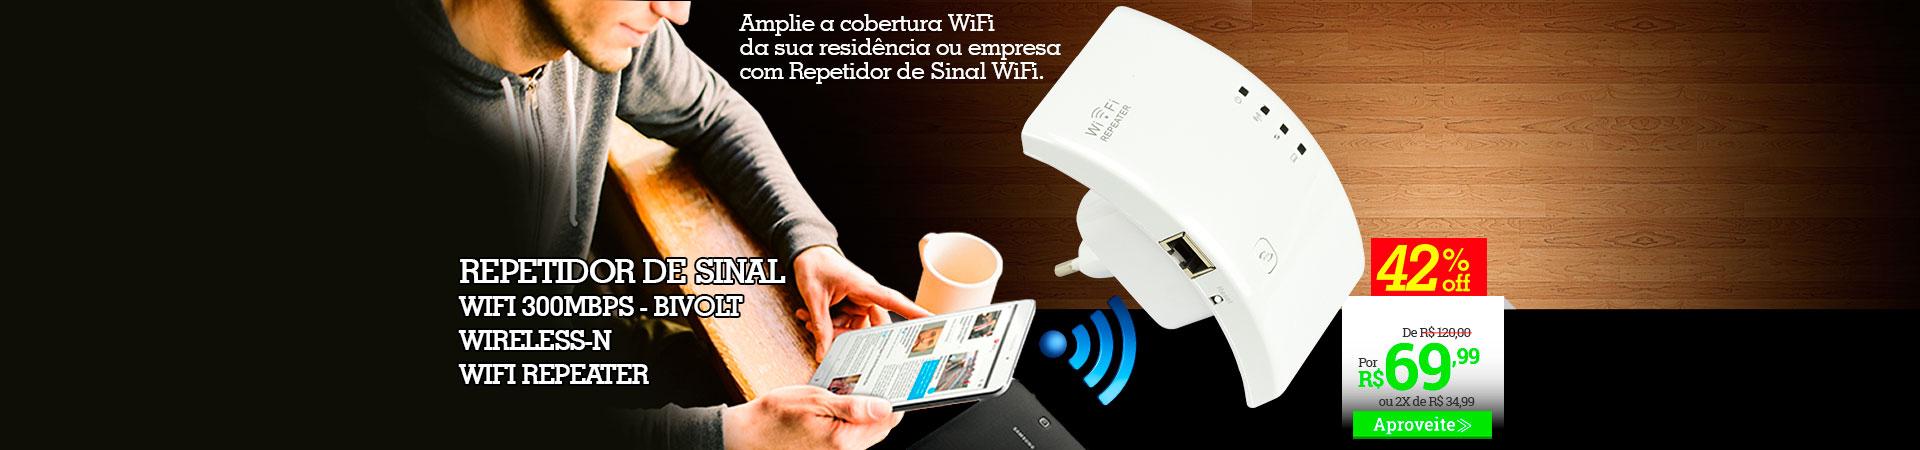 repetidor-de-sinal-wifi-300mbps